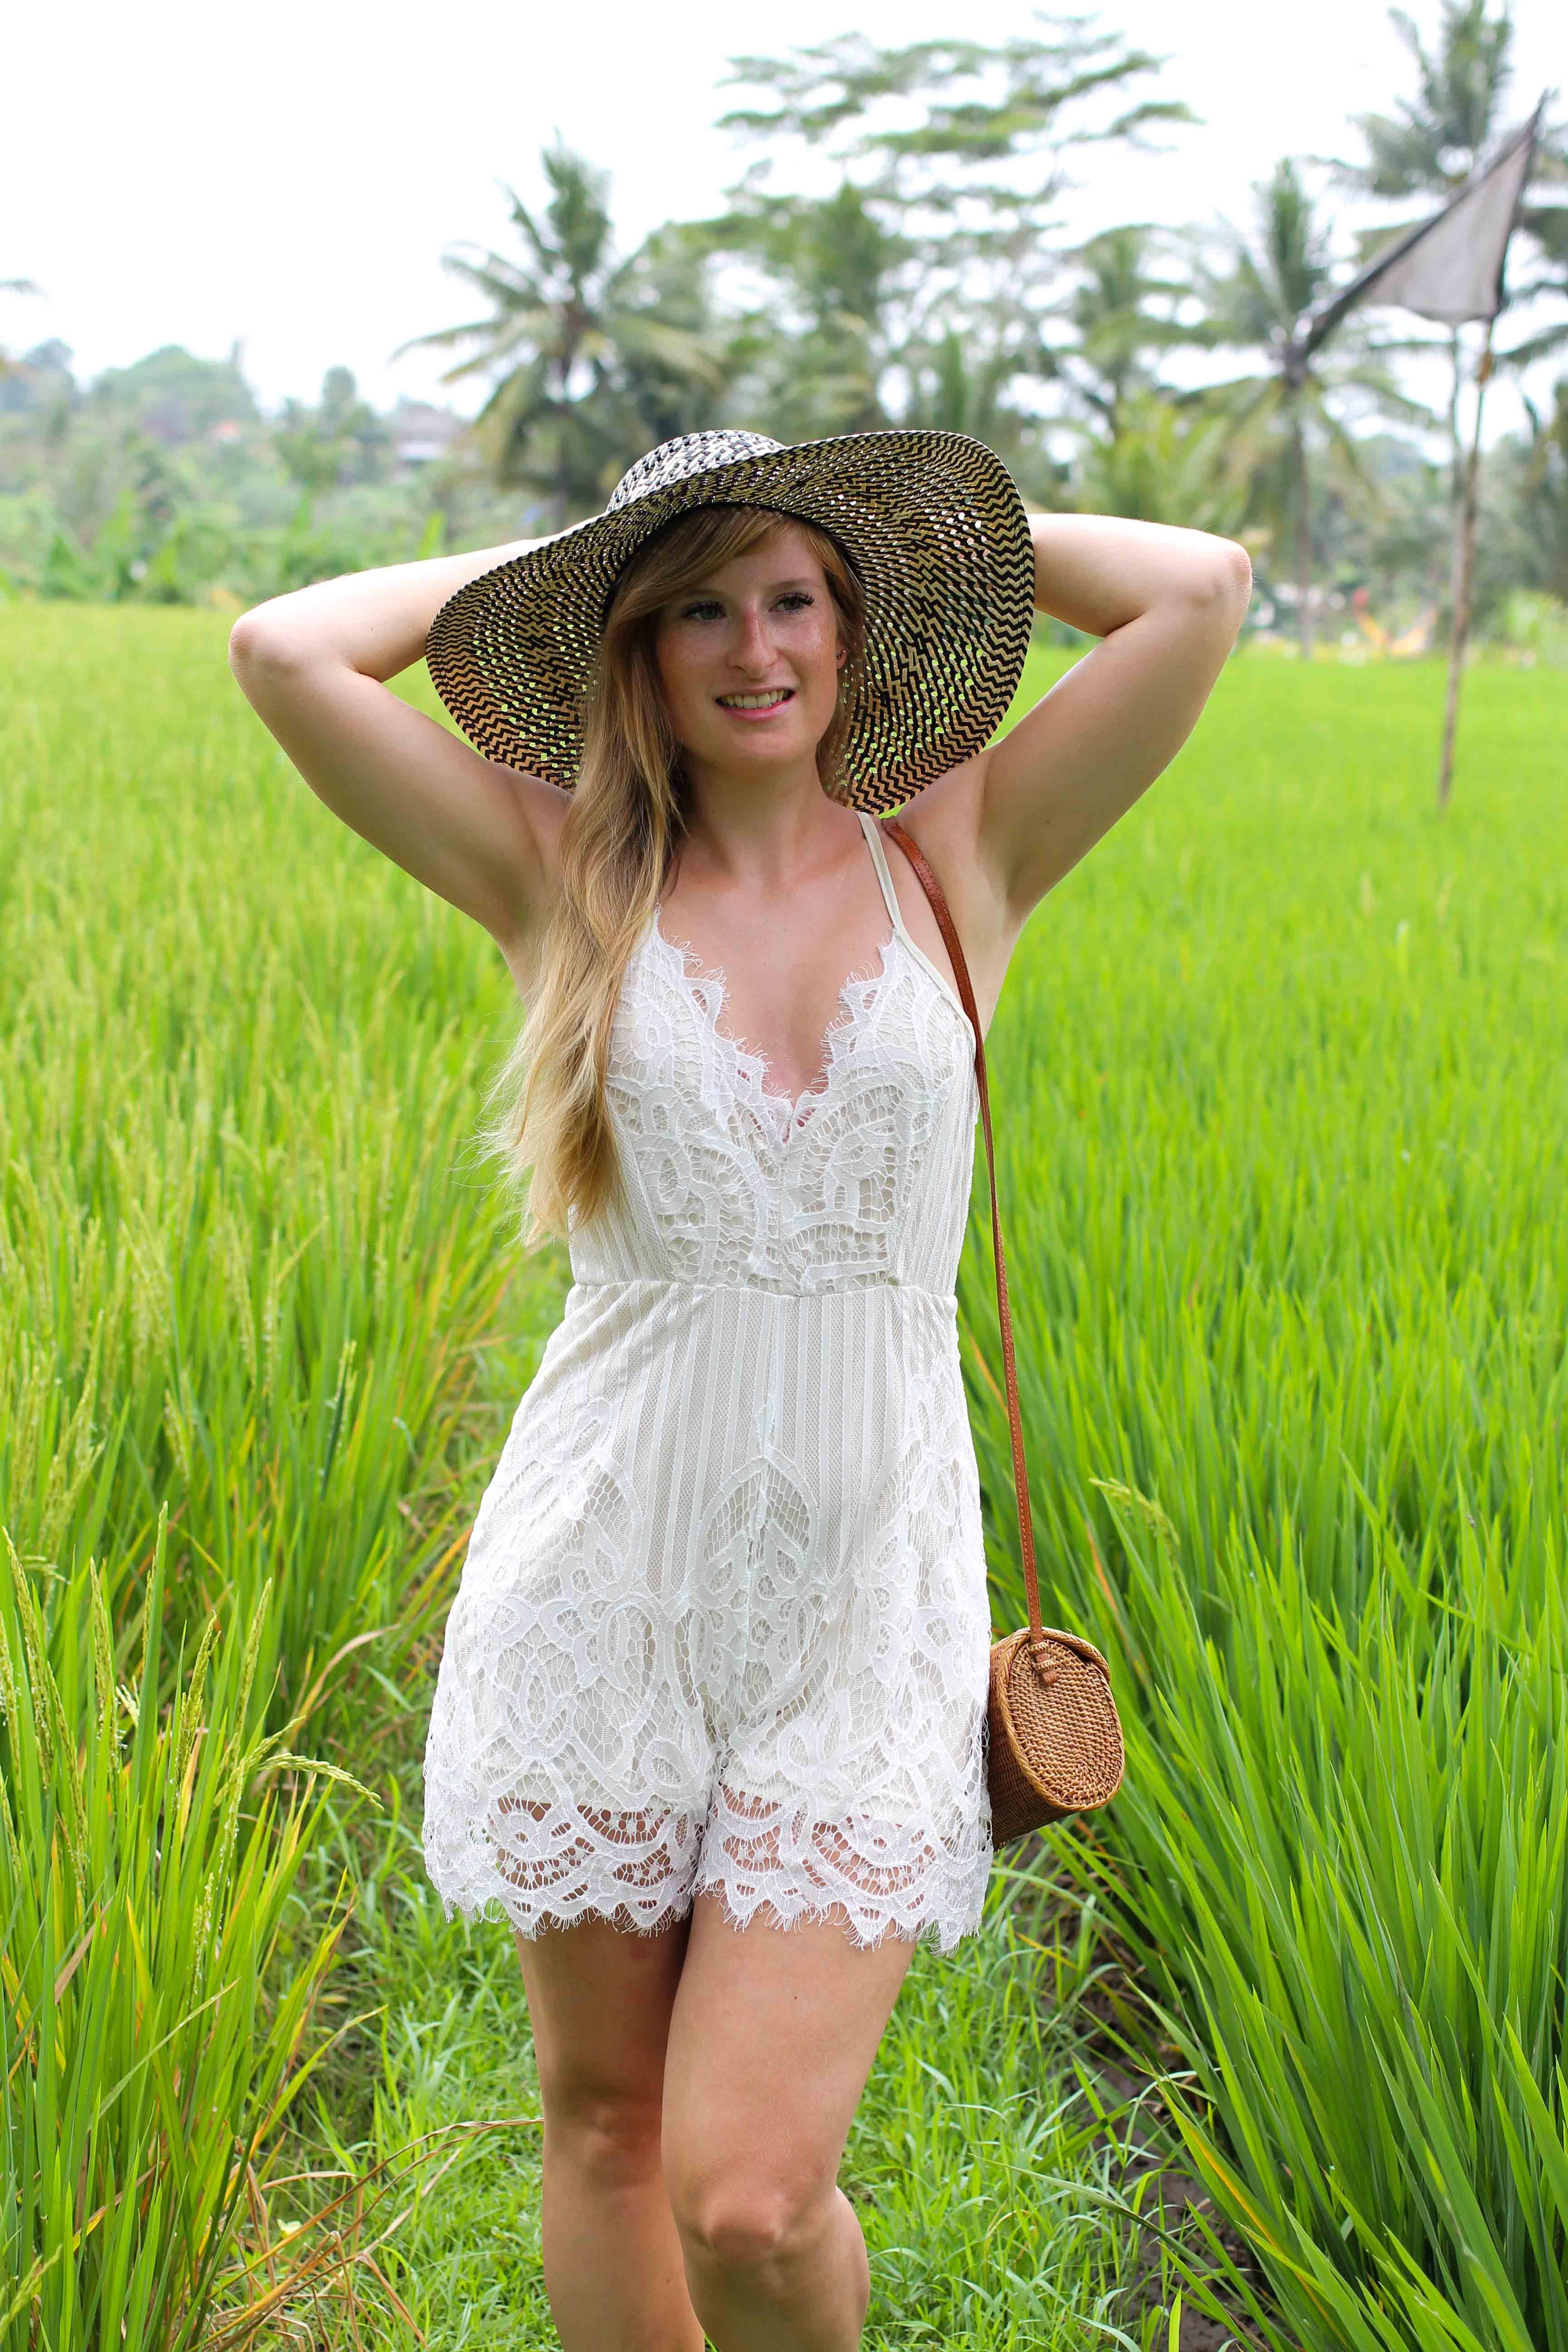 Weißer Jumpsuit kombinieren Spitze strohhut Reisfeldern Ubud Sommeroutfit Bali Modeblog Fashion